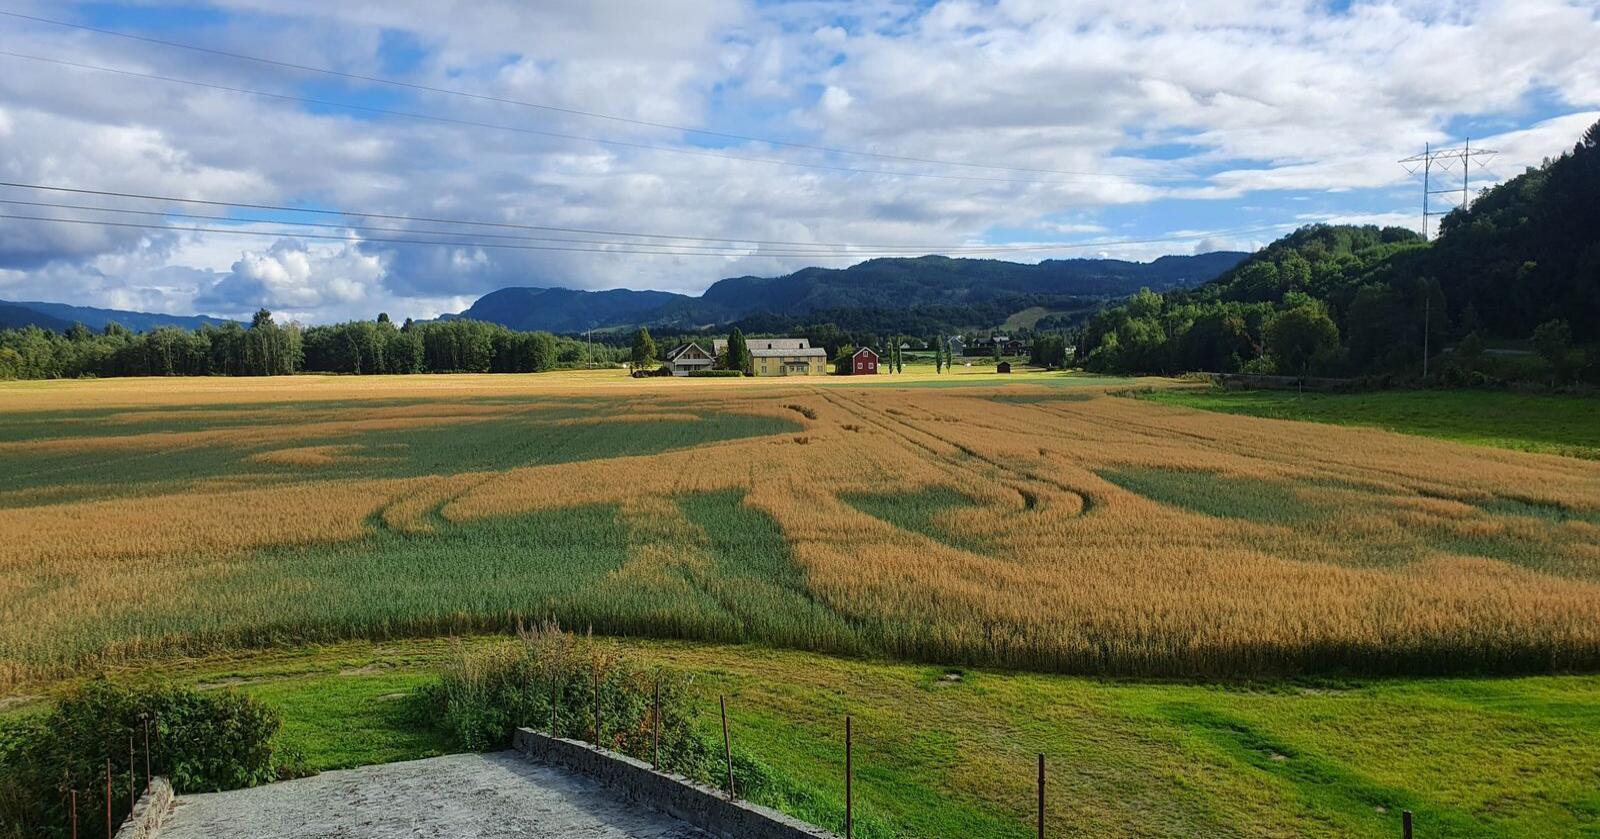 Etterrenning på åkrene i Trøndelag skaper problemer for kornprodusenter, men nå får de tillatelse fra Mattilsynet til å bruke Roundup Flex til å avslutte veksten.